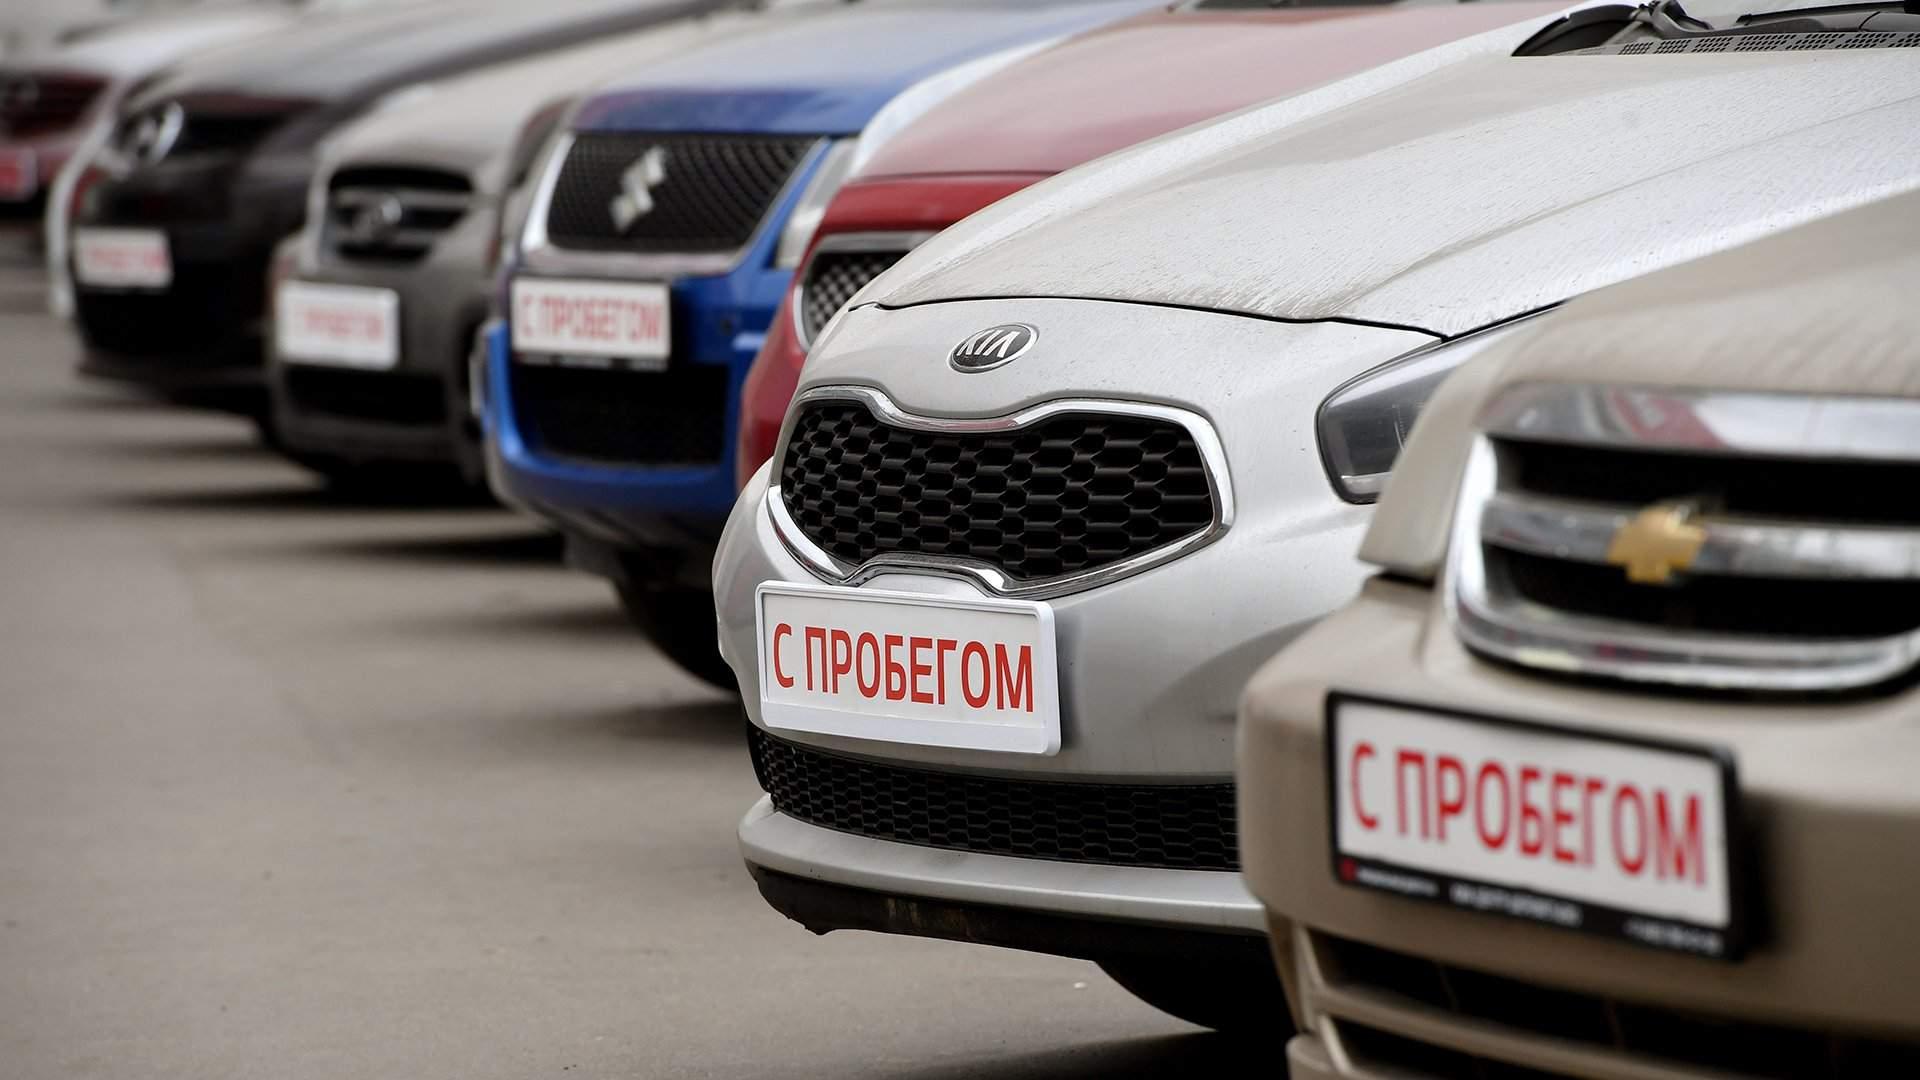 Распродажа автомобилей в залоге залог ломбард машины